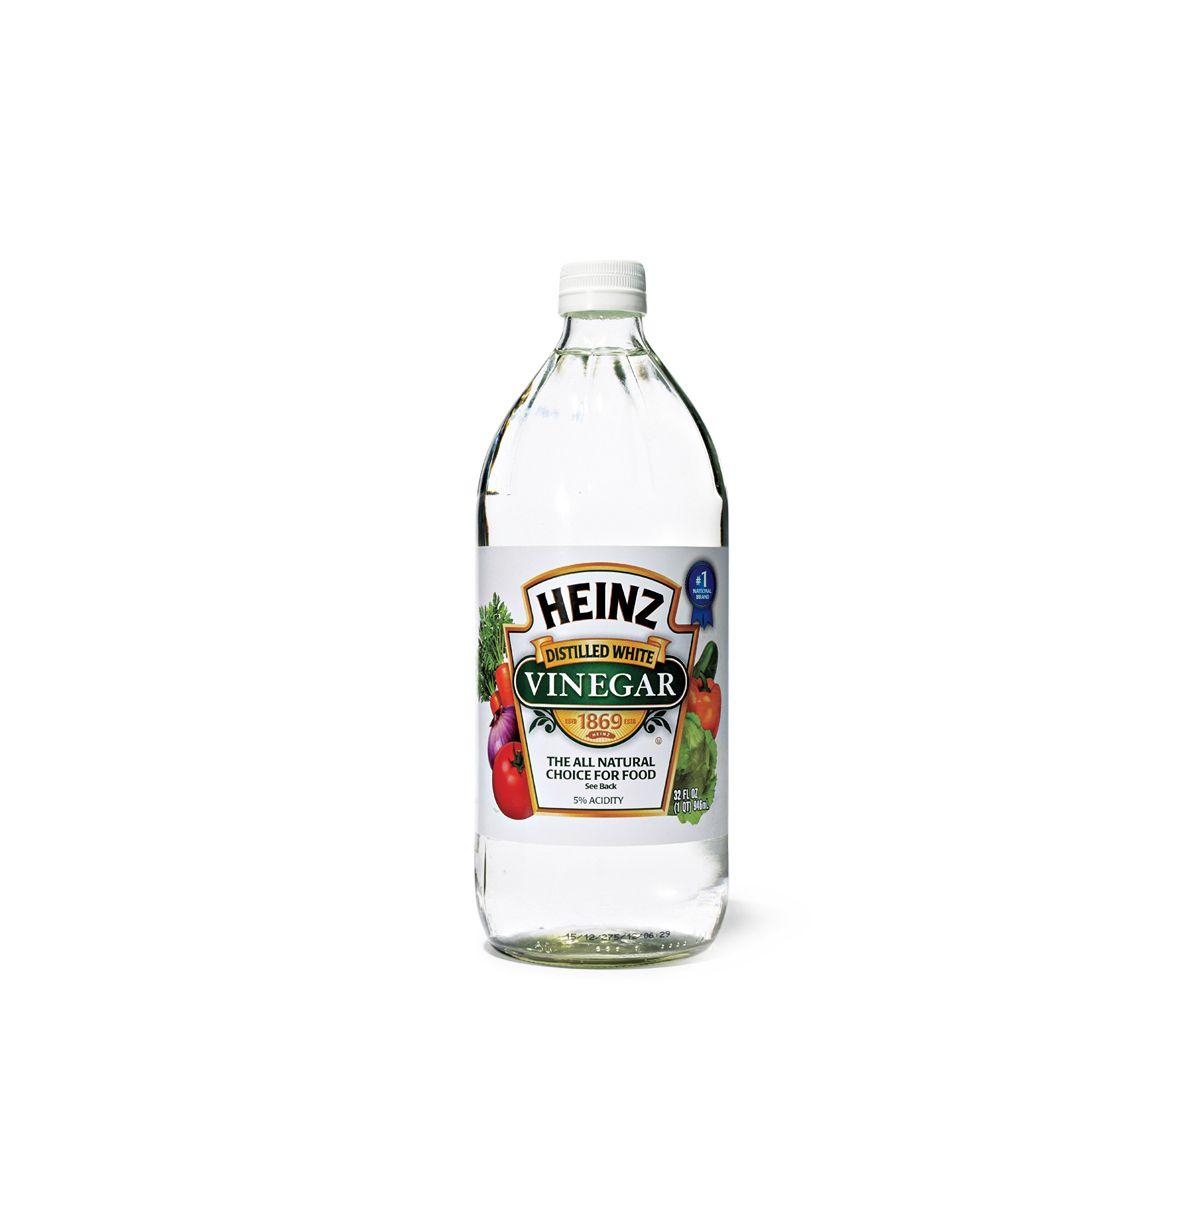 Heinz Distilled White Vinegar  Cleaning  Pinterest  Distilled